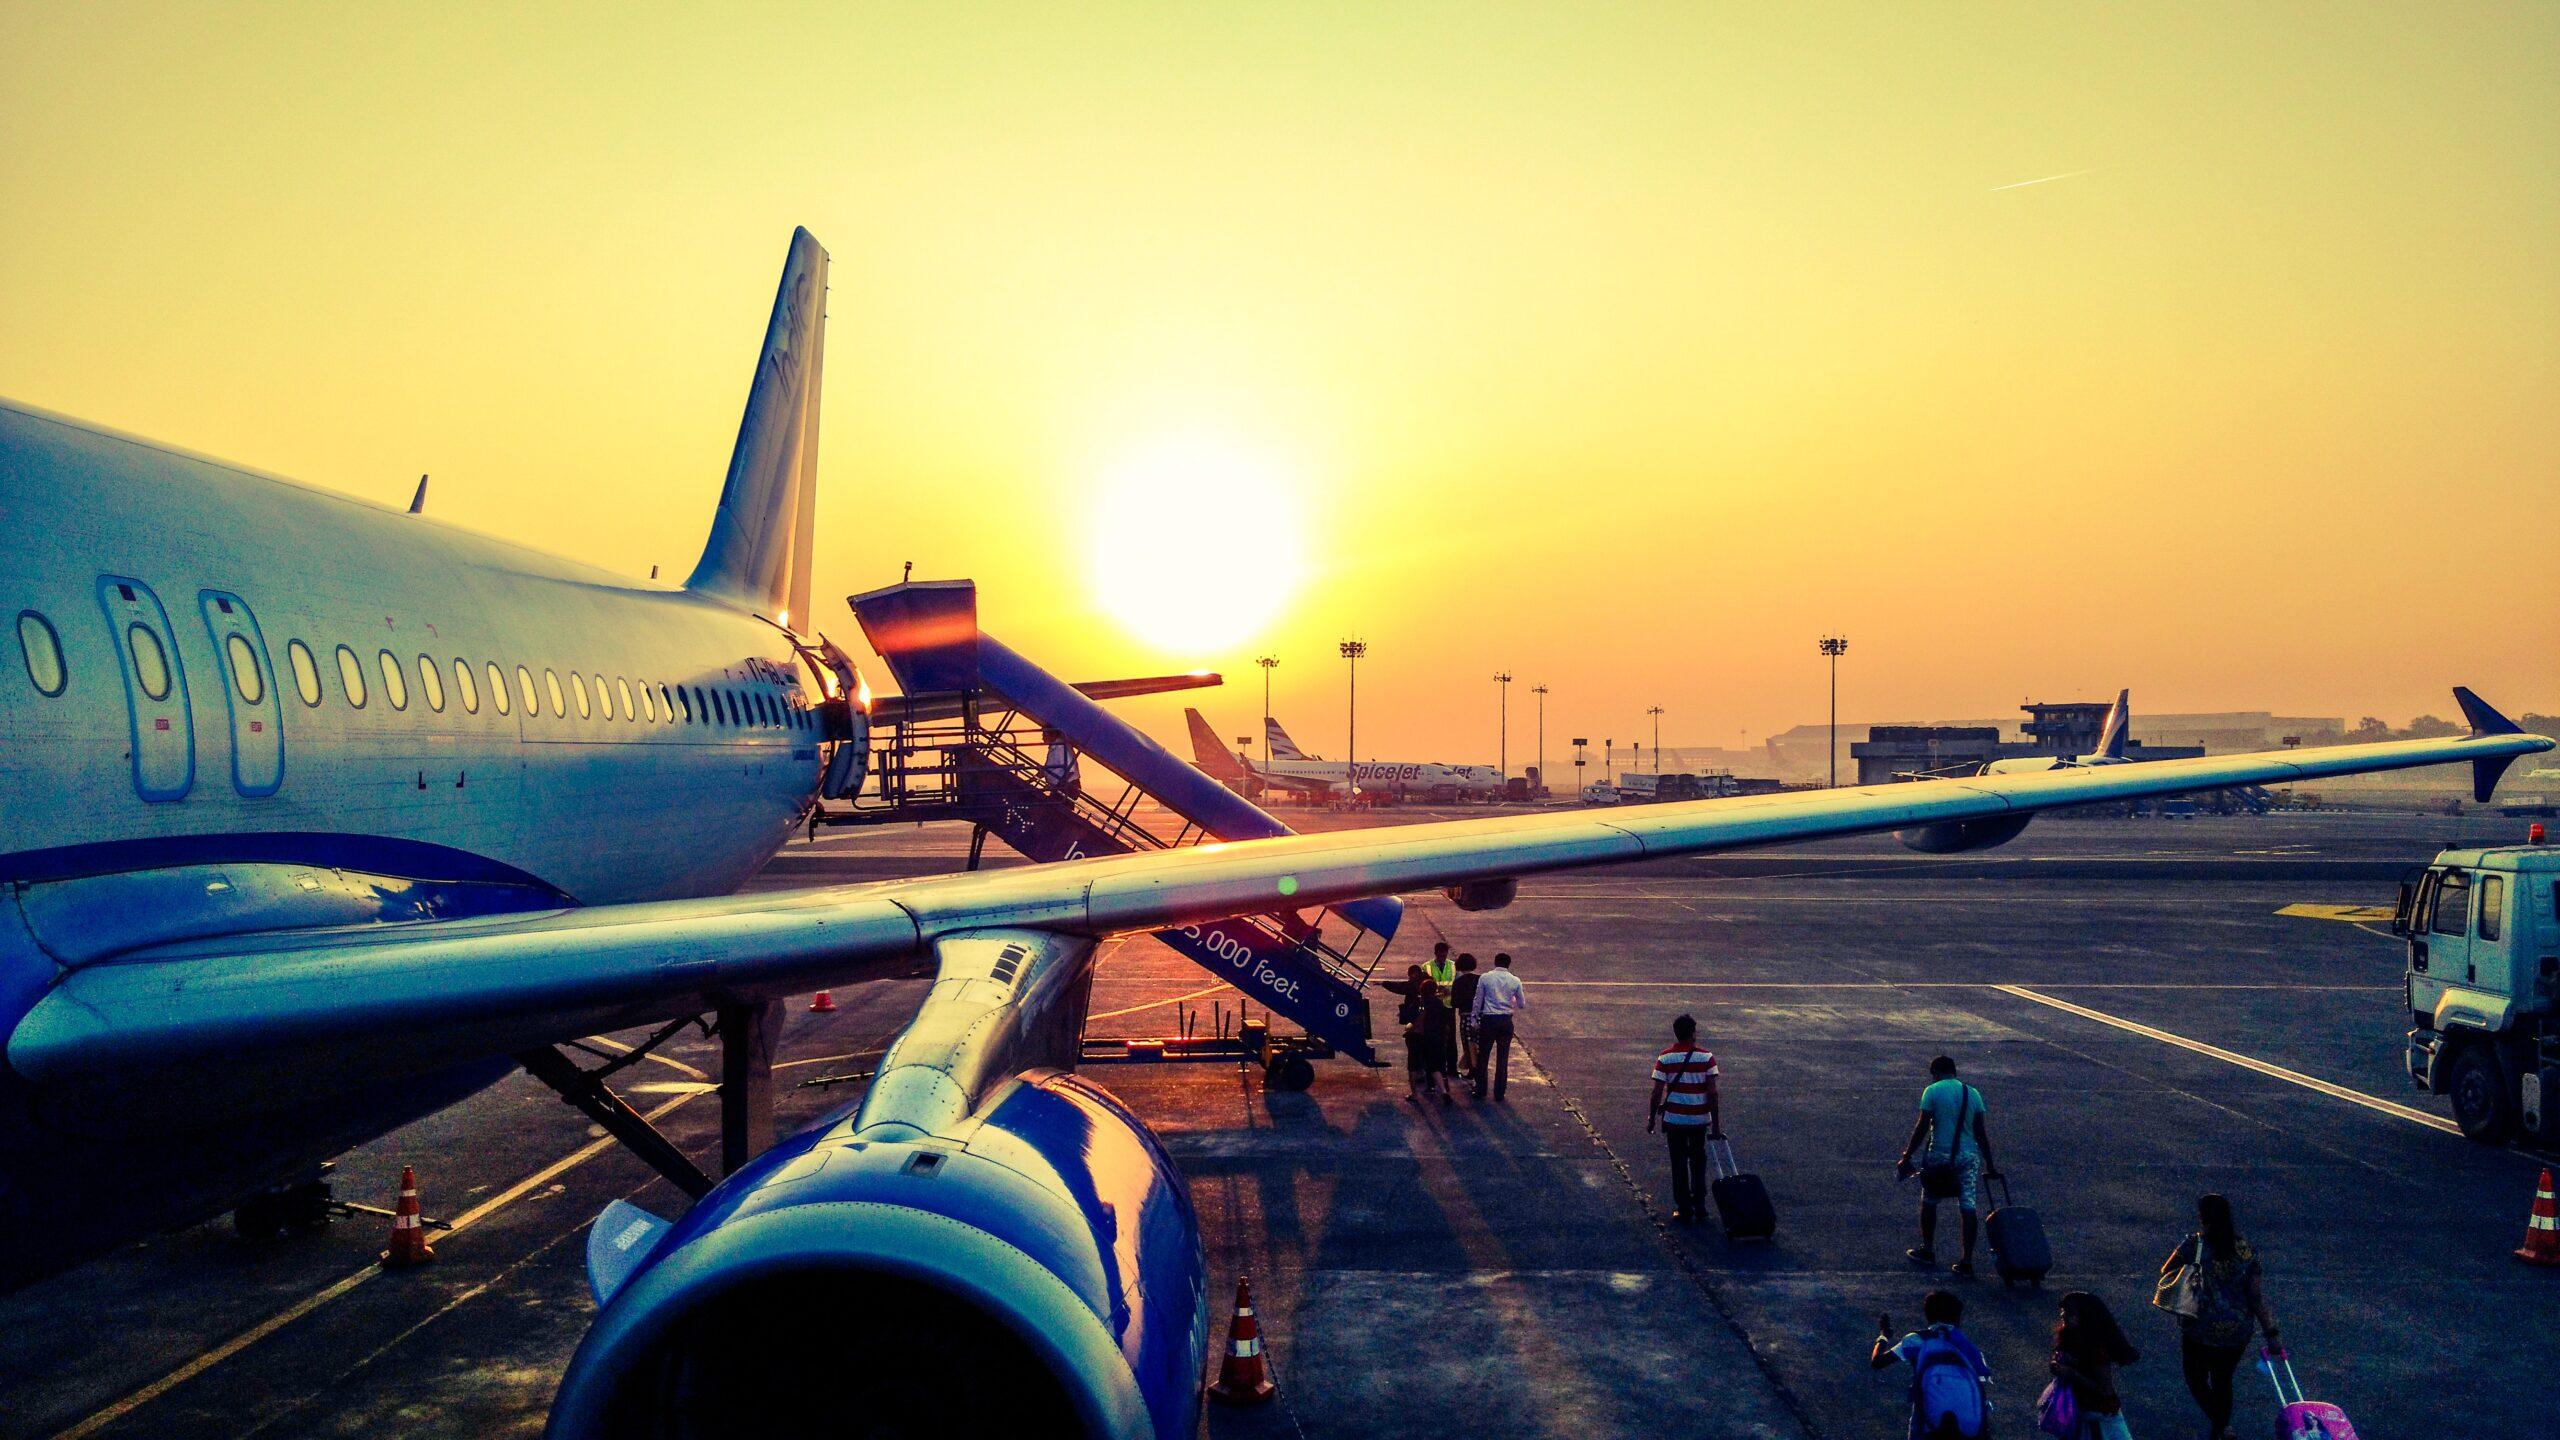 Gol vende passagens aéreas por apenas R$ 235 nos voos para o Rio de Janeiro